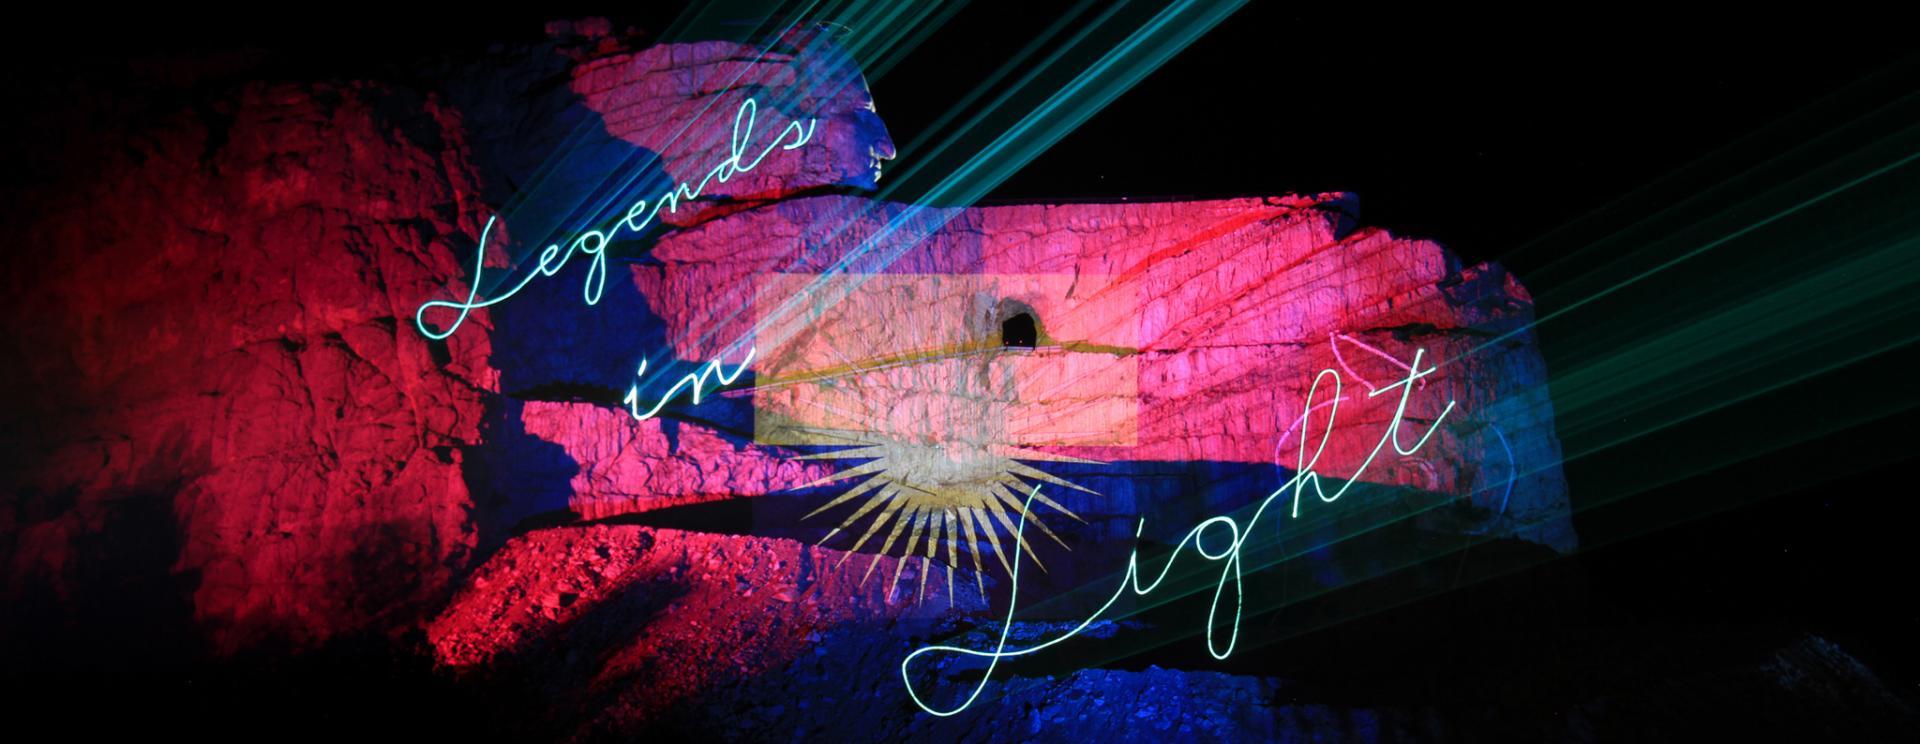 Legends in Light | Crazy Horse Memorial